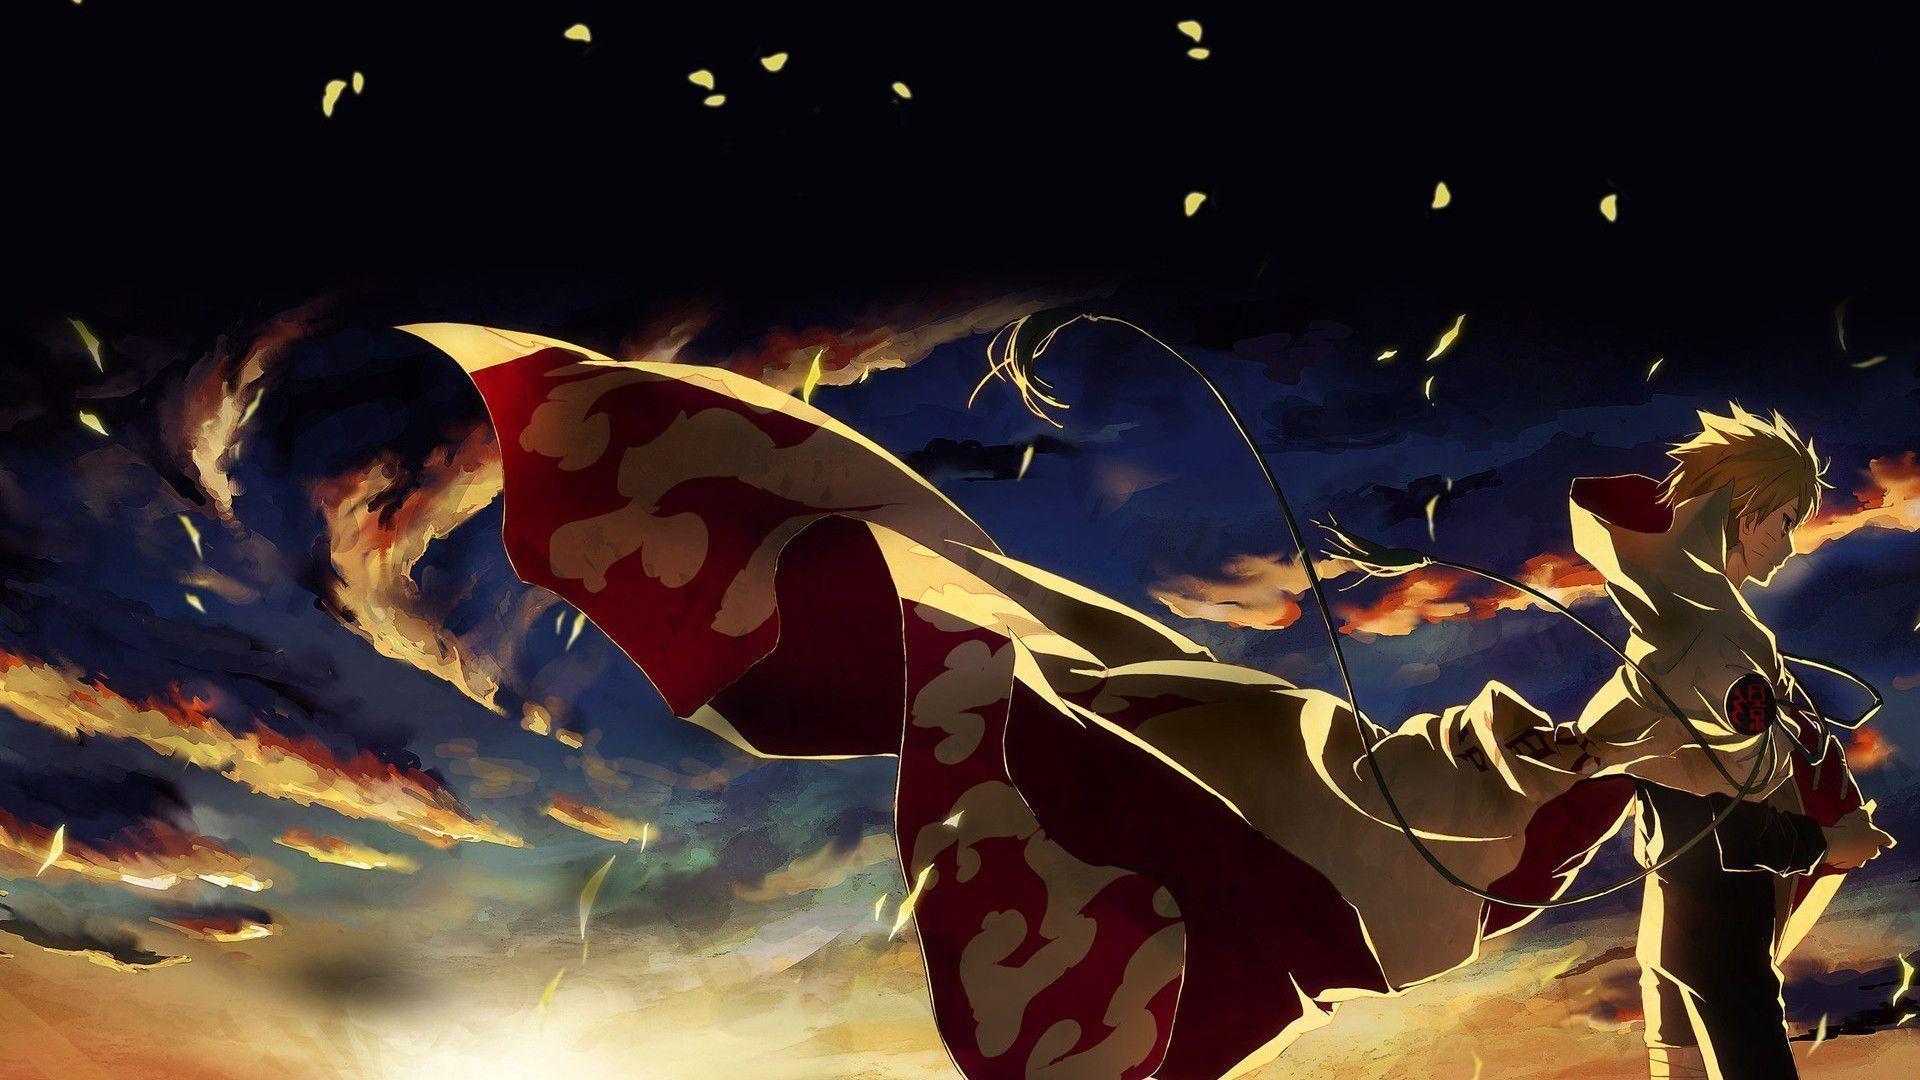 Naruto Dual Monitor Wallpapers - Top Free Naruto Dual ...